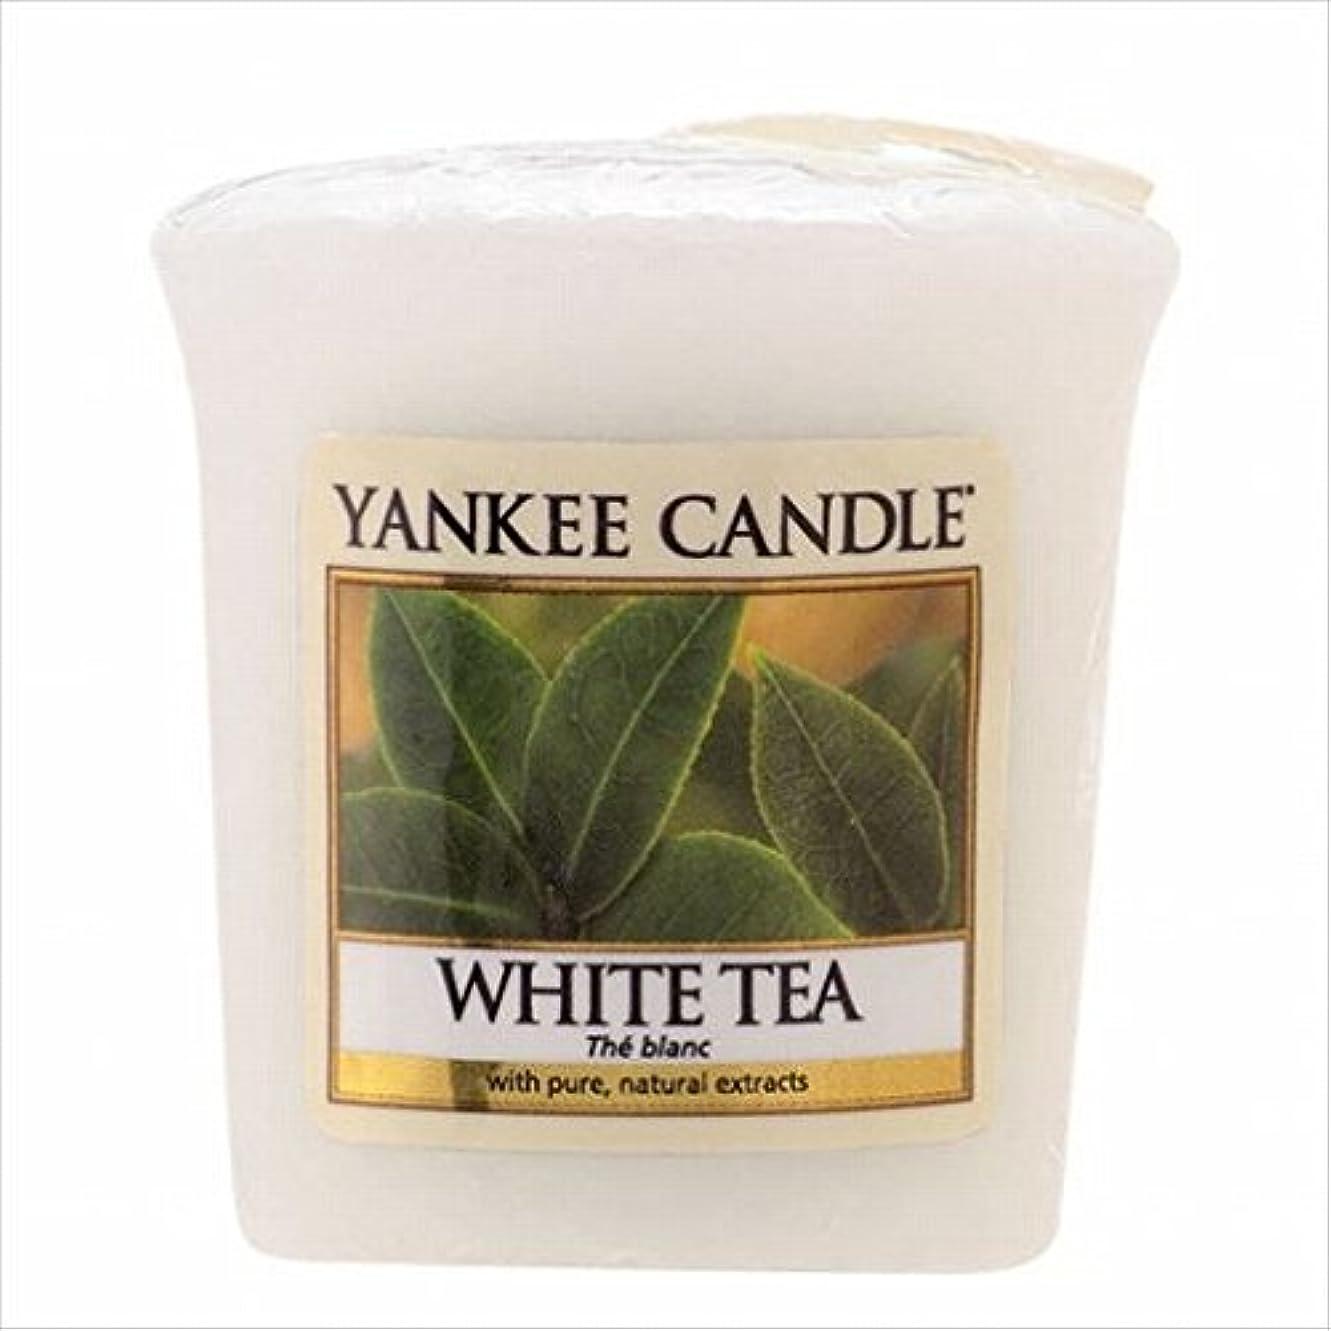 コスチュームクロニクルオーバーランYANKEE CANDLE(ヤンキーキャンドル) YANKEE CANDLE サンプラー 「 ホワイトティー 」6個セット(K00105277)